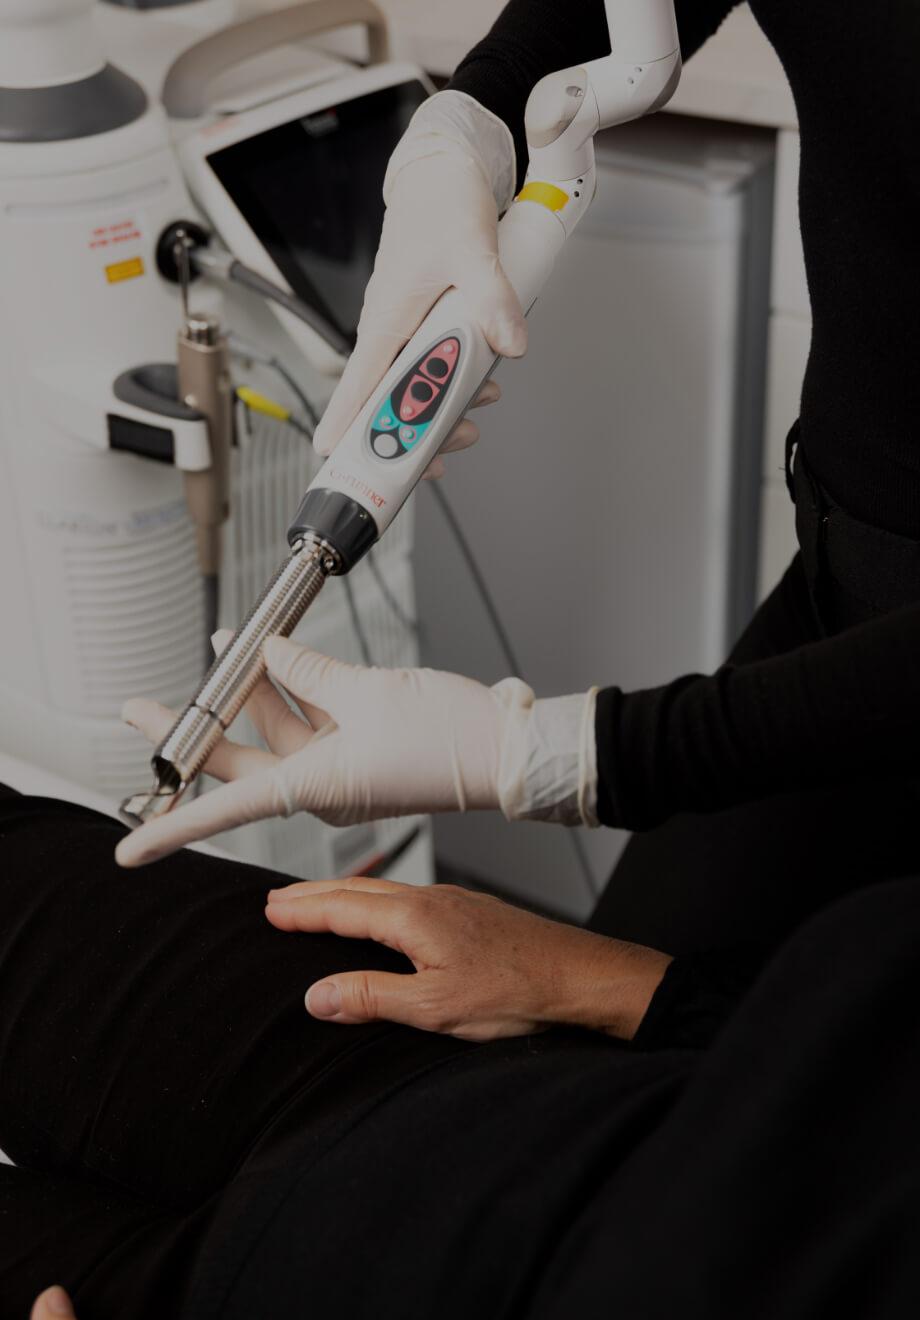 Une infirmière de la Clinique Chloé démontrant l'embout IntimaLase du laser Fotona à une patiente